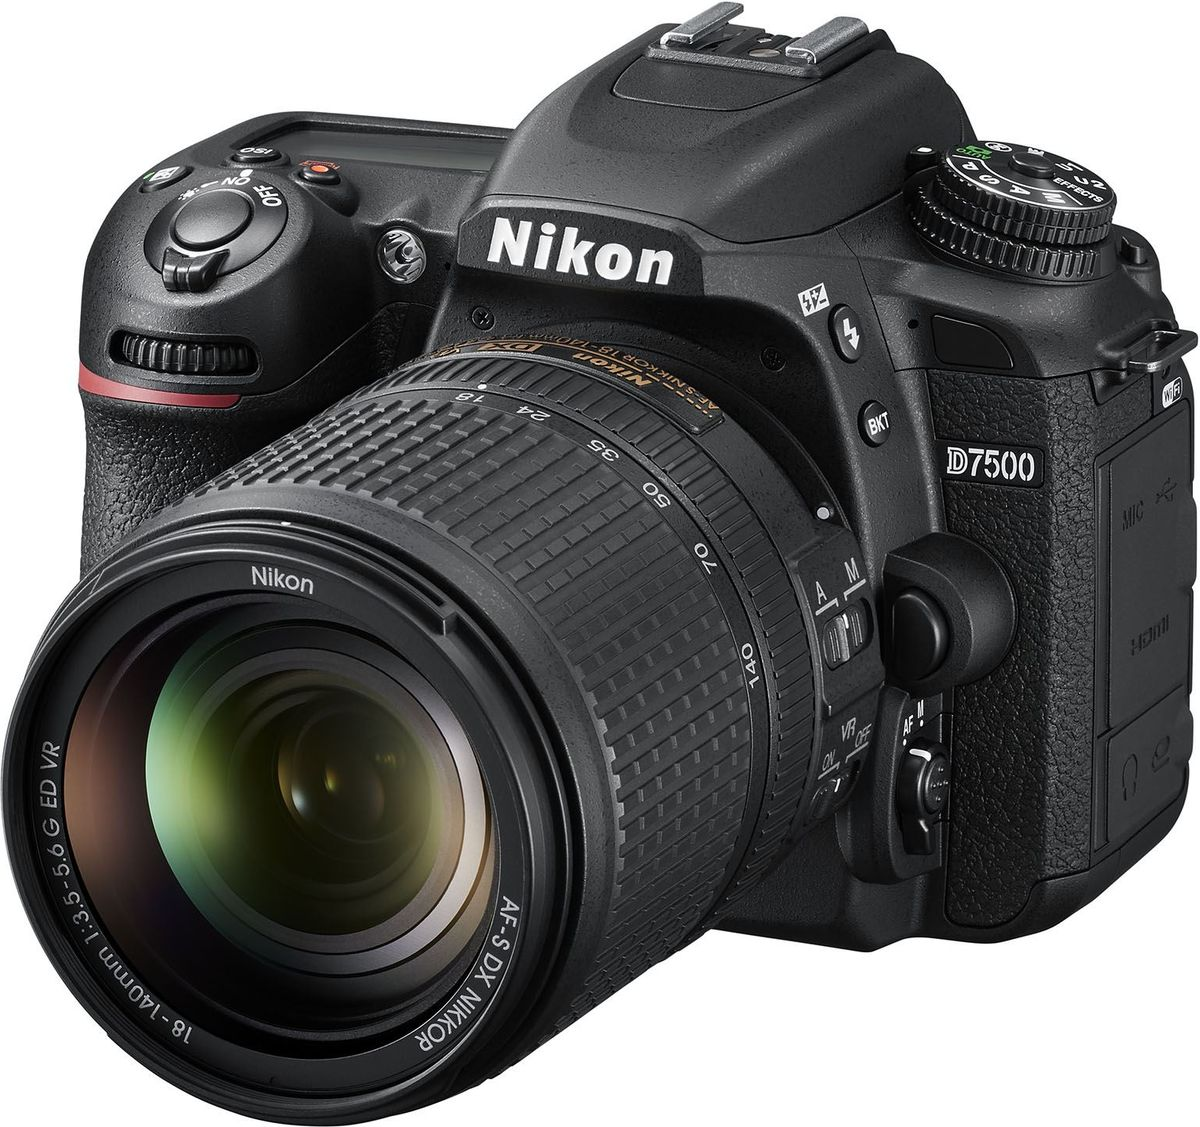 Nikon D7500 Kit 18-140 VR, Black зеркальная фотокамераVBA510K002Погоня за идеальным снимком может увести вас в любые дали. Вашей надежной спутницей в этом путешествии станет мощная и быстрая фотокамера D7500, обладающая широкими возможностями связи. Запечатлейте всю красоту мира благодаря превосходному качеству изображения формата DX, унаследованному от флагманской модели Nikon D500.Фотокамера создает четкие изображения с высокой детализацией и богатыми тональными градациями. Вы оцените исключительно точное распознавание объектов съемки и превосходное качество изображения даже при высоких значениях чувствительности ISO. Качество видеороликов в формате 4K/UHD впечатляет. А с помощью встроенной системы Picture Control можно с легкостью создавать фотографии и видеоролики, соответствующие вашему творческому стилю.Быстрая система обработки изображений Nikon EXPEED 5 гарантирует исключительное качество изображений во всем диапазоне чувствительности ISO. Количество мелких шумов существенно снизилось, и даже кадрированные изображения, снятые при высоких значениях ISO, сохраняют свое качество. С помощью настройки Hi-5 можно увеличить чувствительность до эквивалента 1 640 000 единиц ISO, что позволяет работать практически в полной темноте.Сочетание 180K-пиксельного датчика RGB для замера экспозиции и улучшенной системы распознавания сюжетов гарантируют получение удачного кадра даже при съемке небольших или быстро движущихся объектов. При съемке высококонтрастных сюжетов новый метод замера экспозиции по ярким участкам отдает приоритет ярчайшим элементам кадра, позволяя избежать пересвеченных изображений.Система АФ с 15 центральными датчиками перекрестного типа отличается высокой точностью вплоть до впечатляющего уровня освещенности -3 EV. Это дает возможность снимать ночью и получать резкие изображения, не используя дополнительное освещение. Режим групповой АФ обеспечивает улучшенное распознавание и ведение объекта при съемке сравнительно небольших объектов, расположенных близ